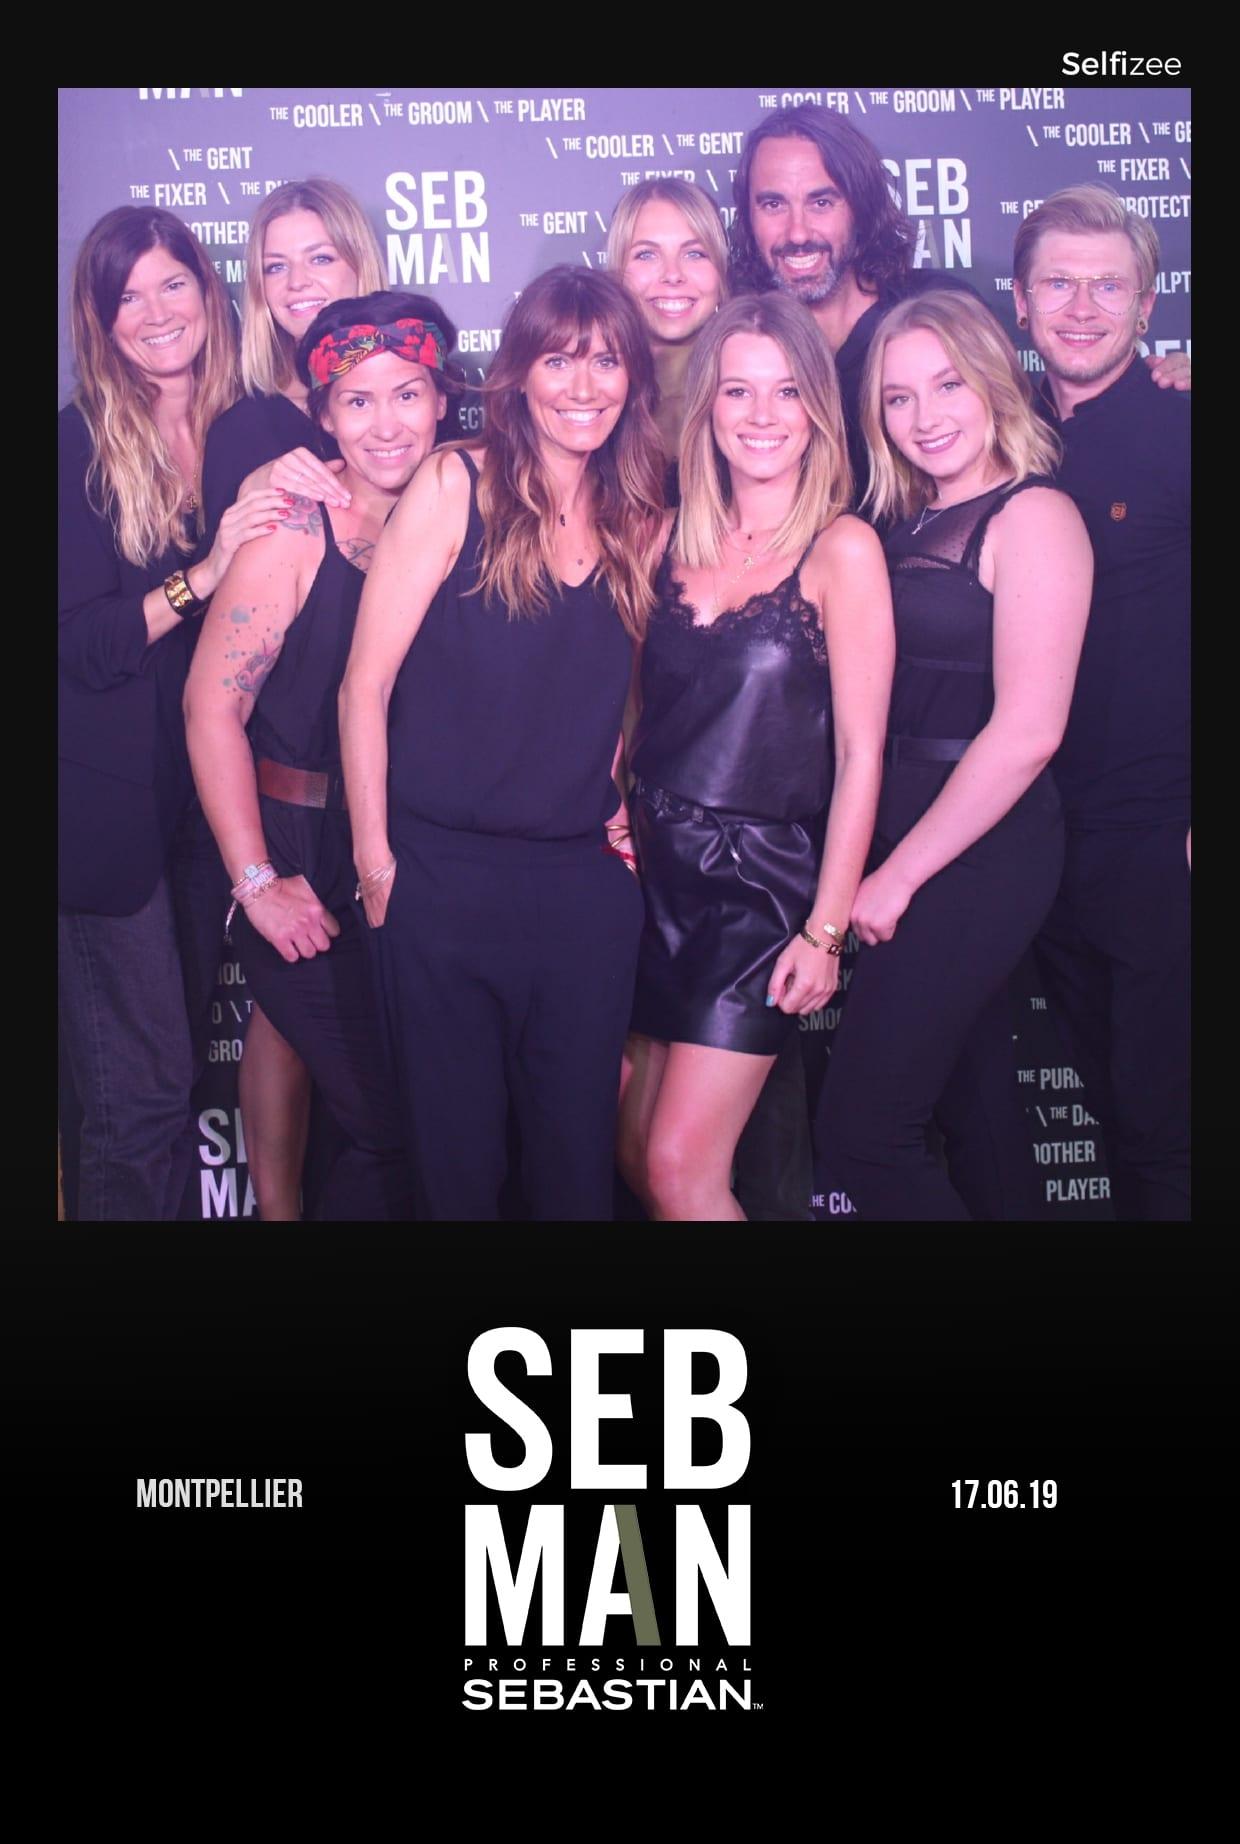 Selfie personnalisé SEBMAN animation photobooth et photocall pour promotion produits de la marque dans un restaurant bar club Montpellier avec impressions photos